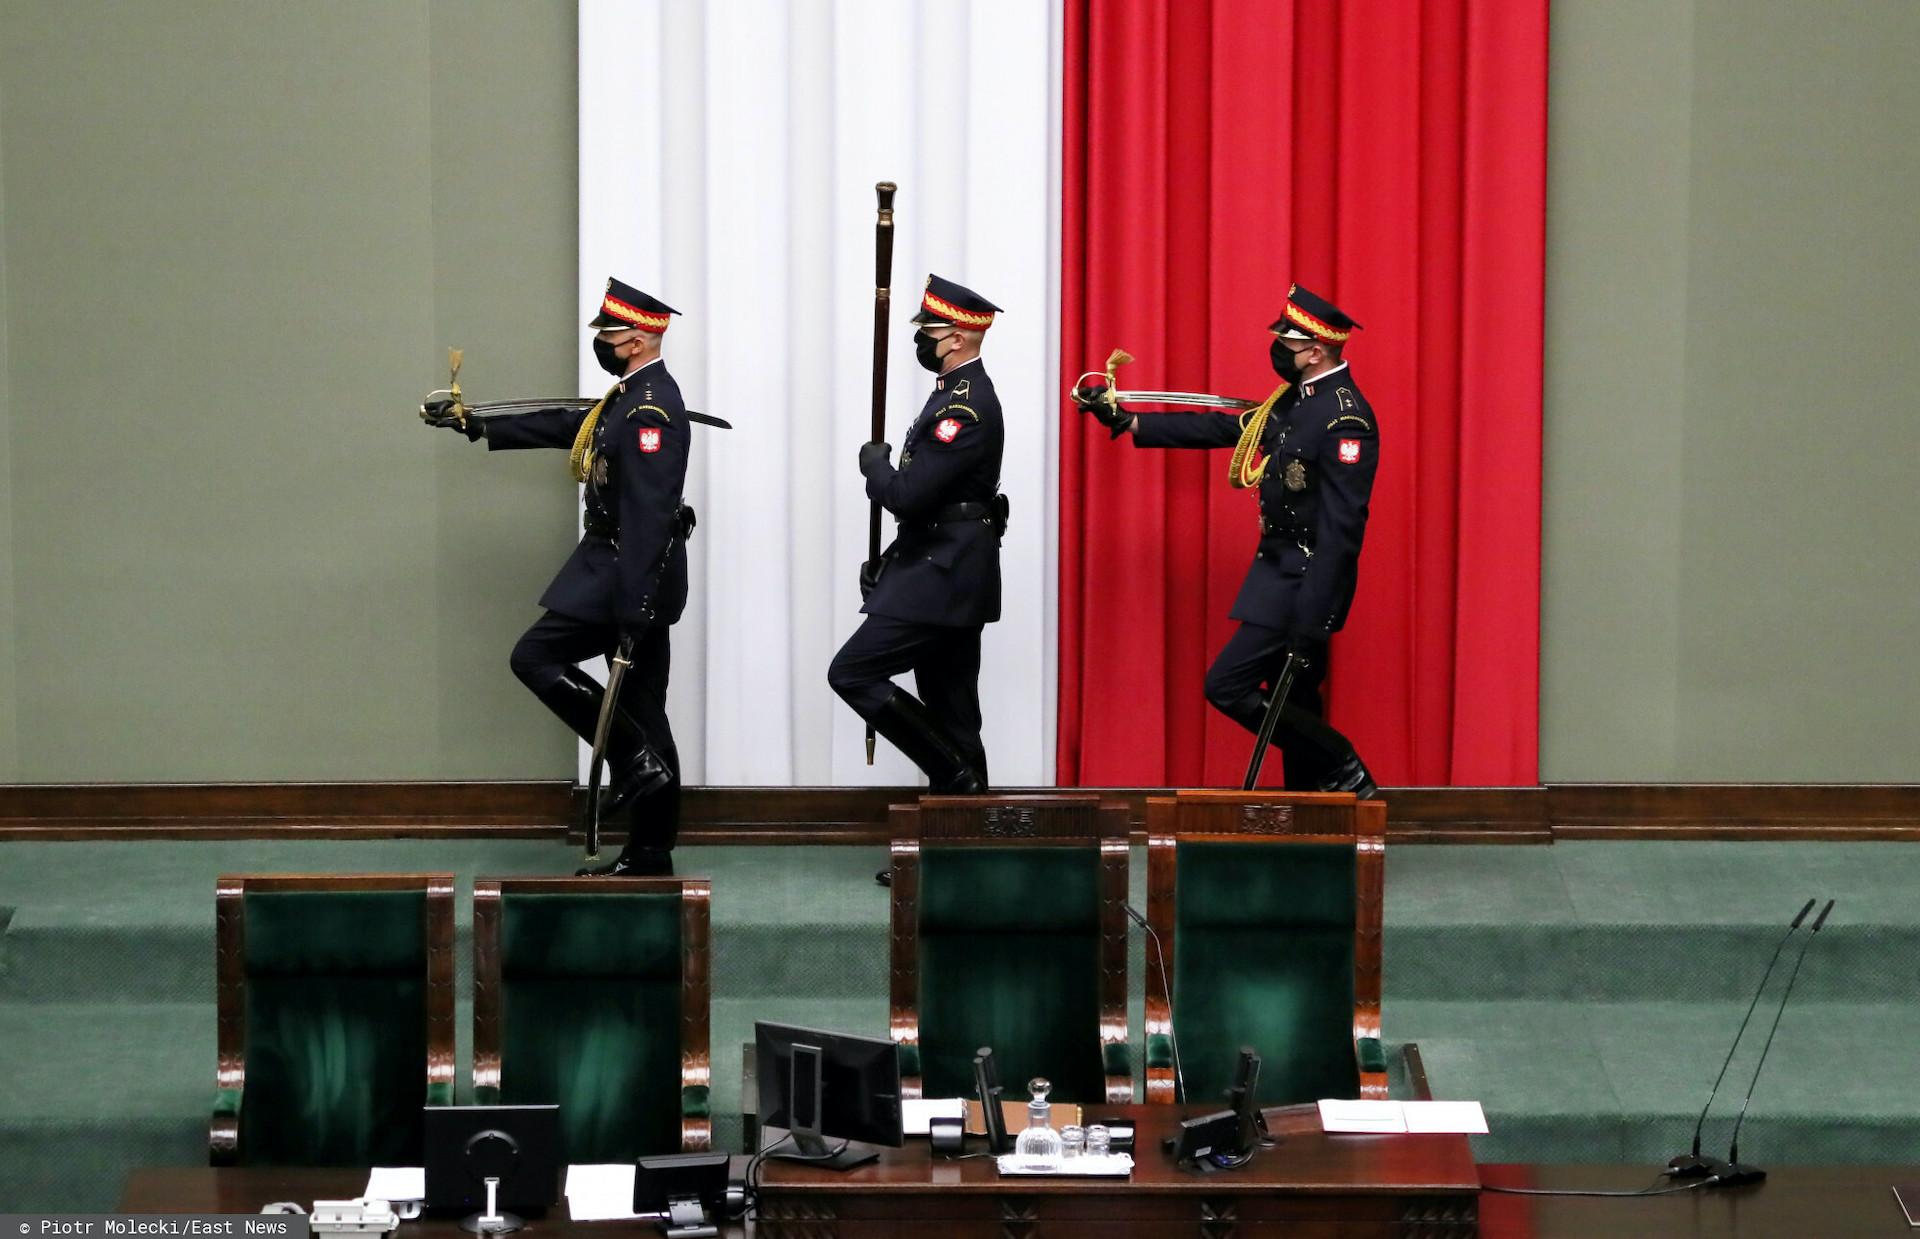 W 2020 roku z szeregów straży marszałkowskiej Sejmu odeszło ponad 50 funkcjonariuszy